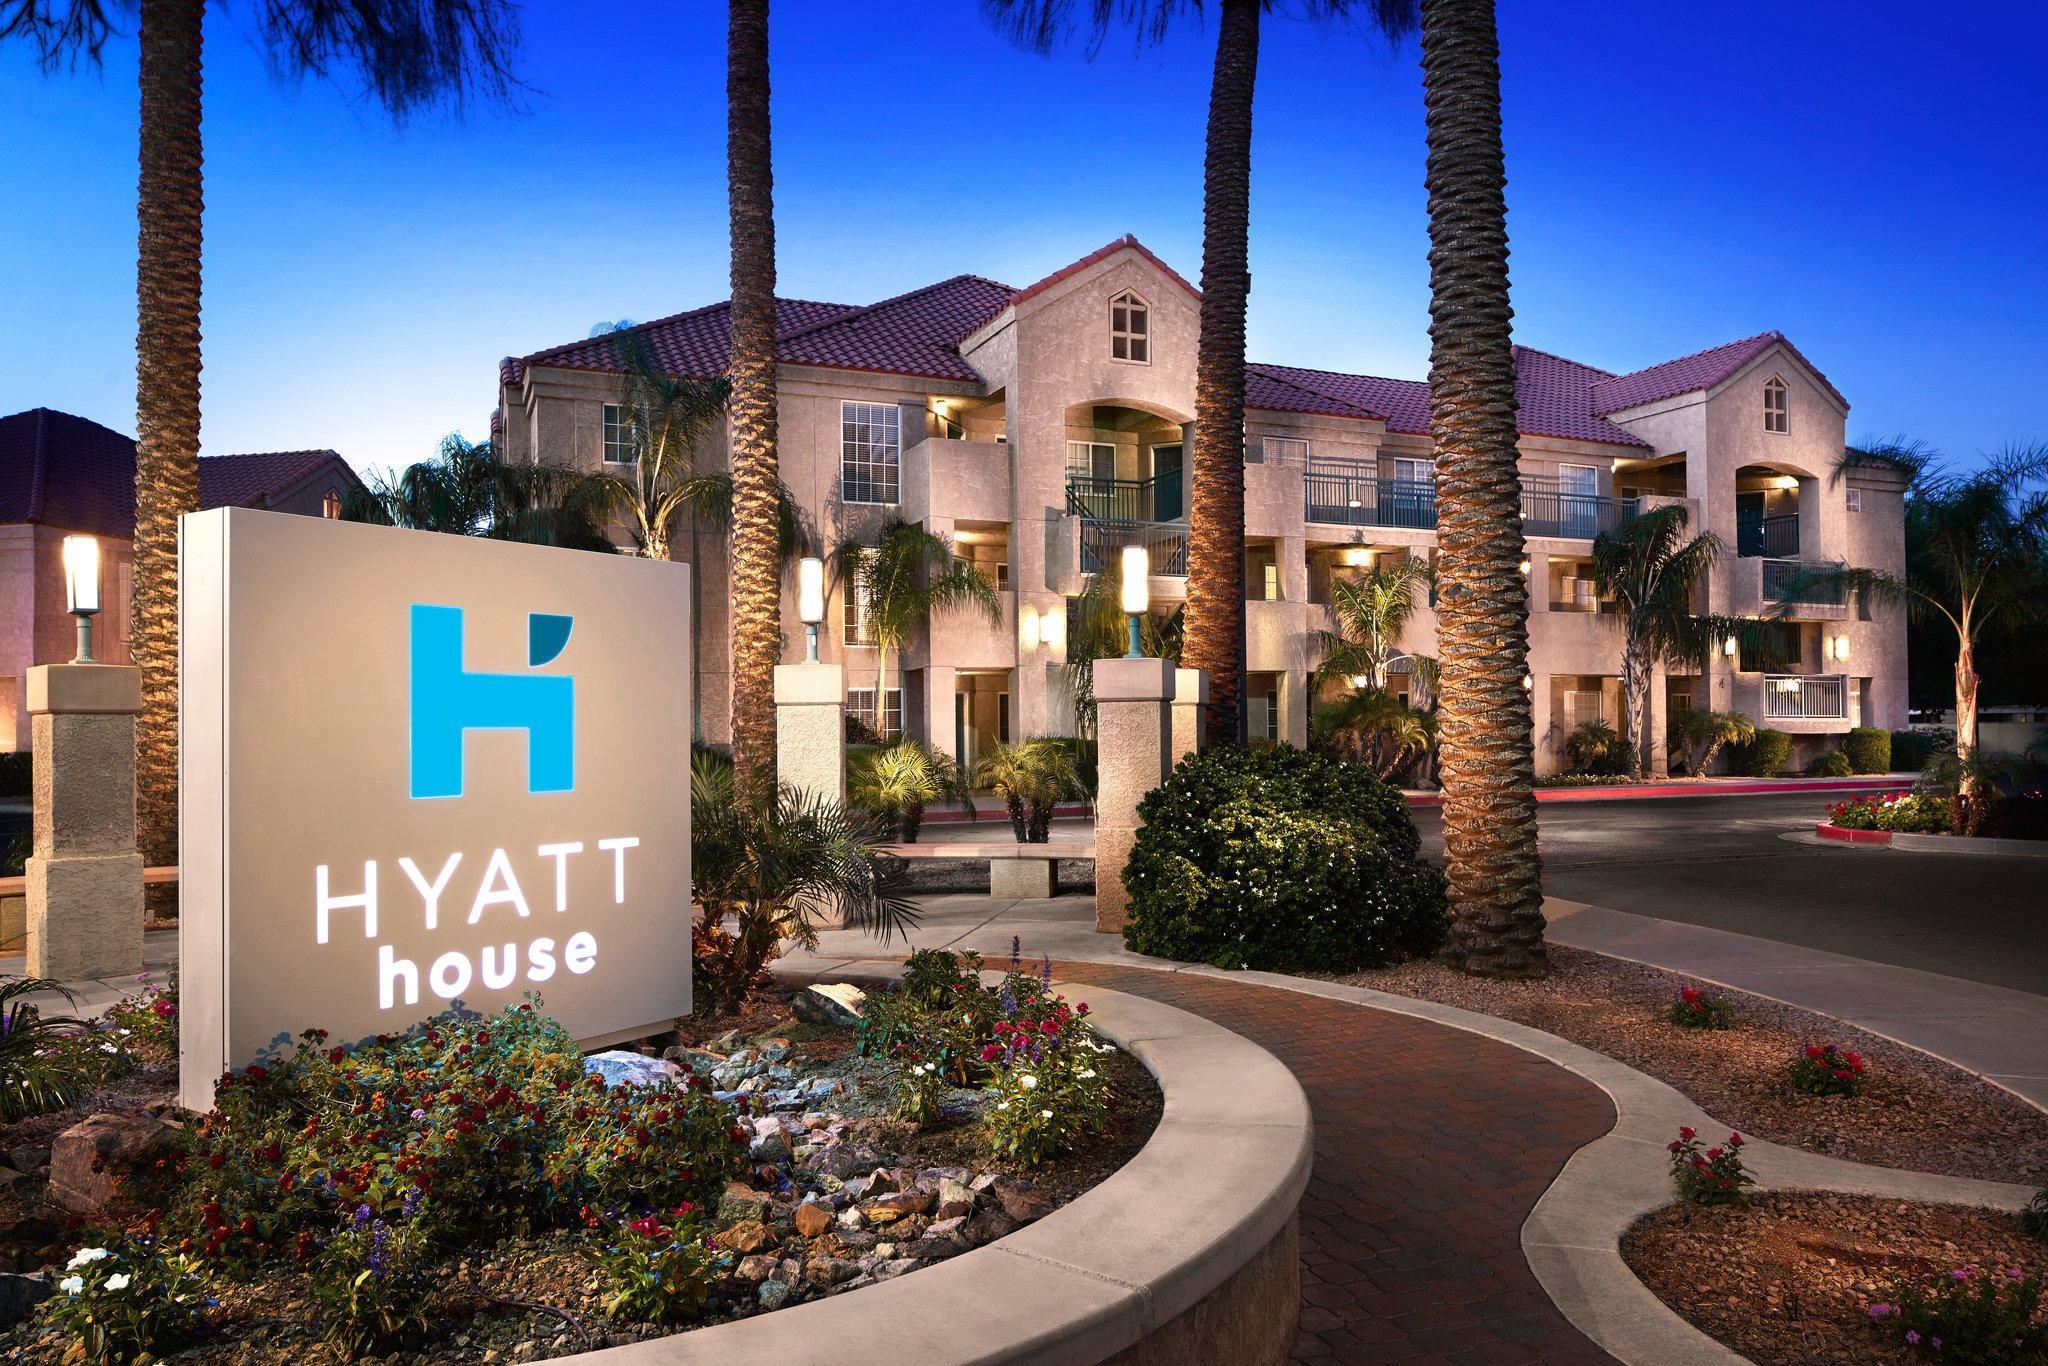 Hyatt House Scottsdale Old Town